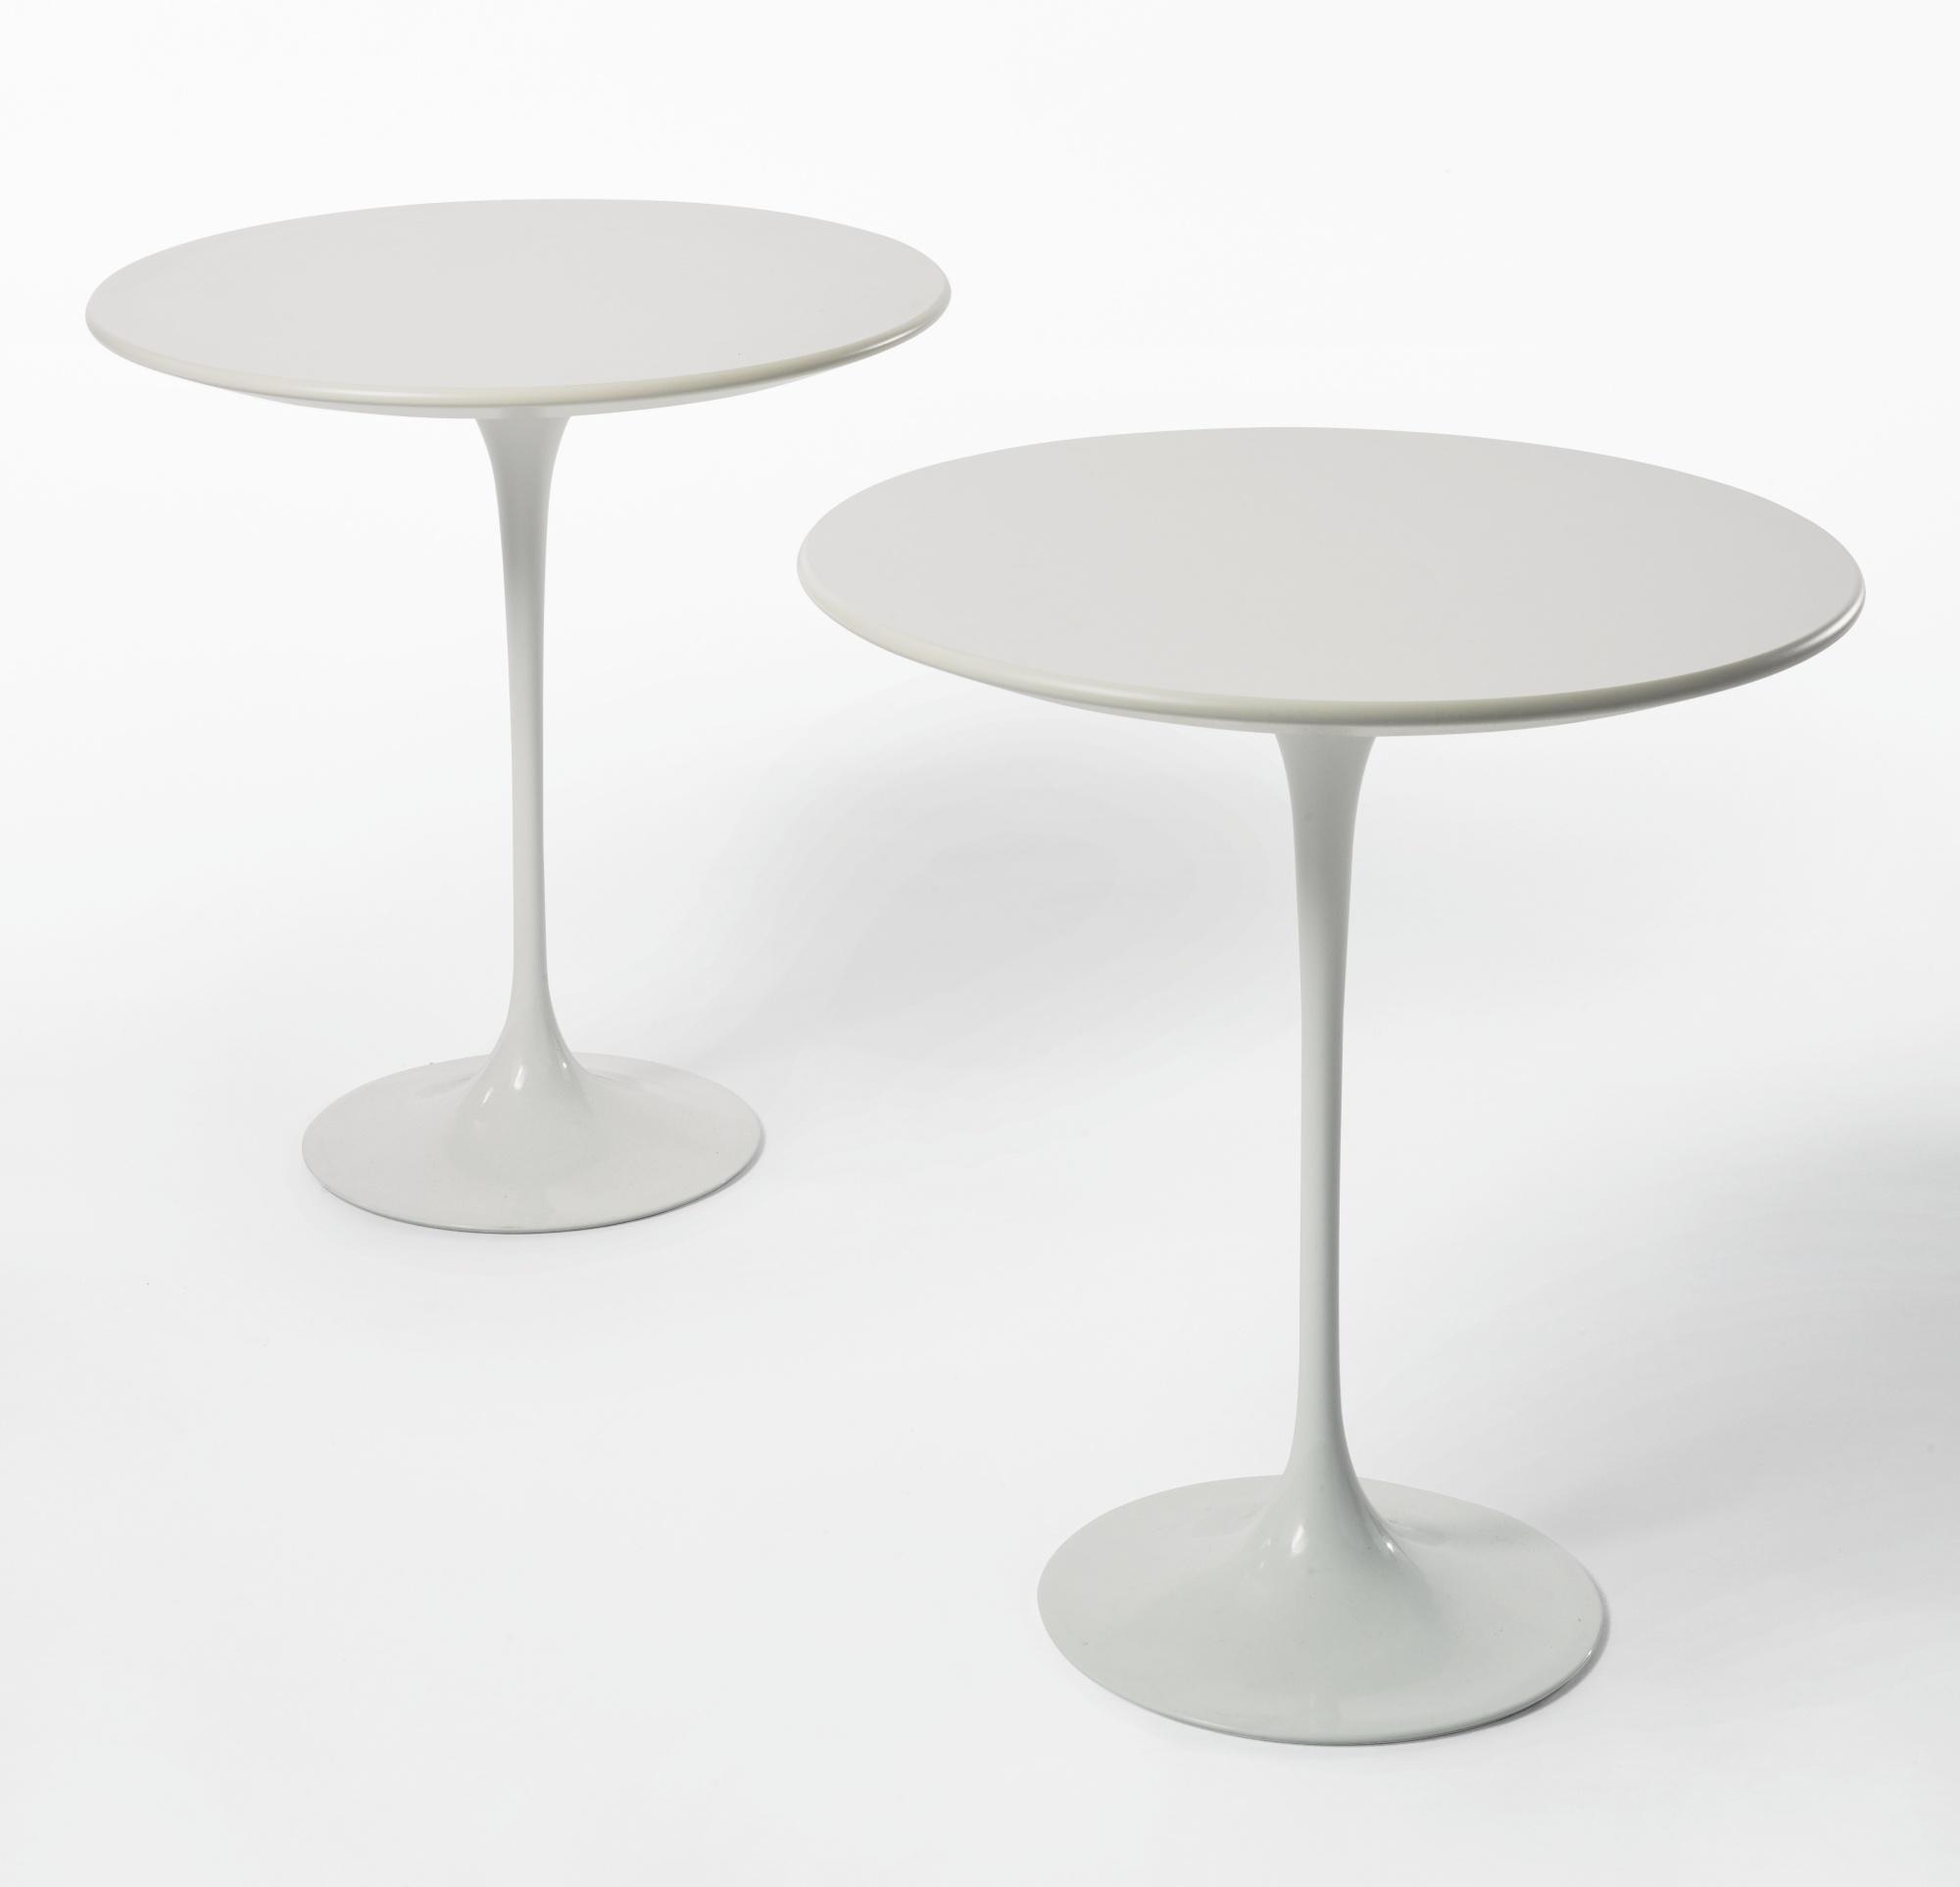 Eero Saarinen - TwoTulip Side Tables-1956